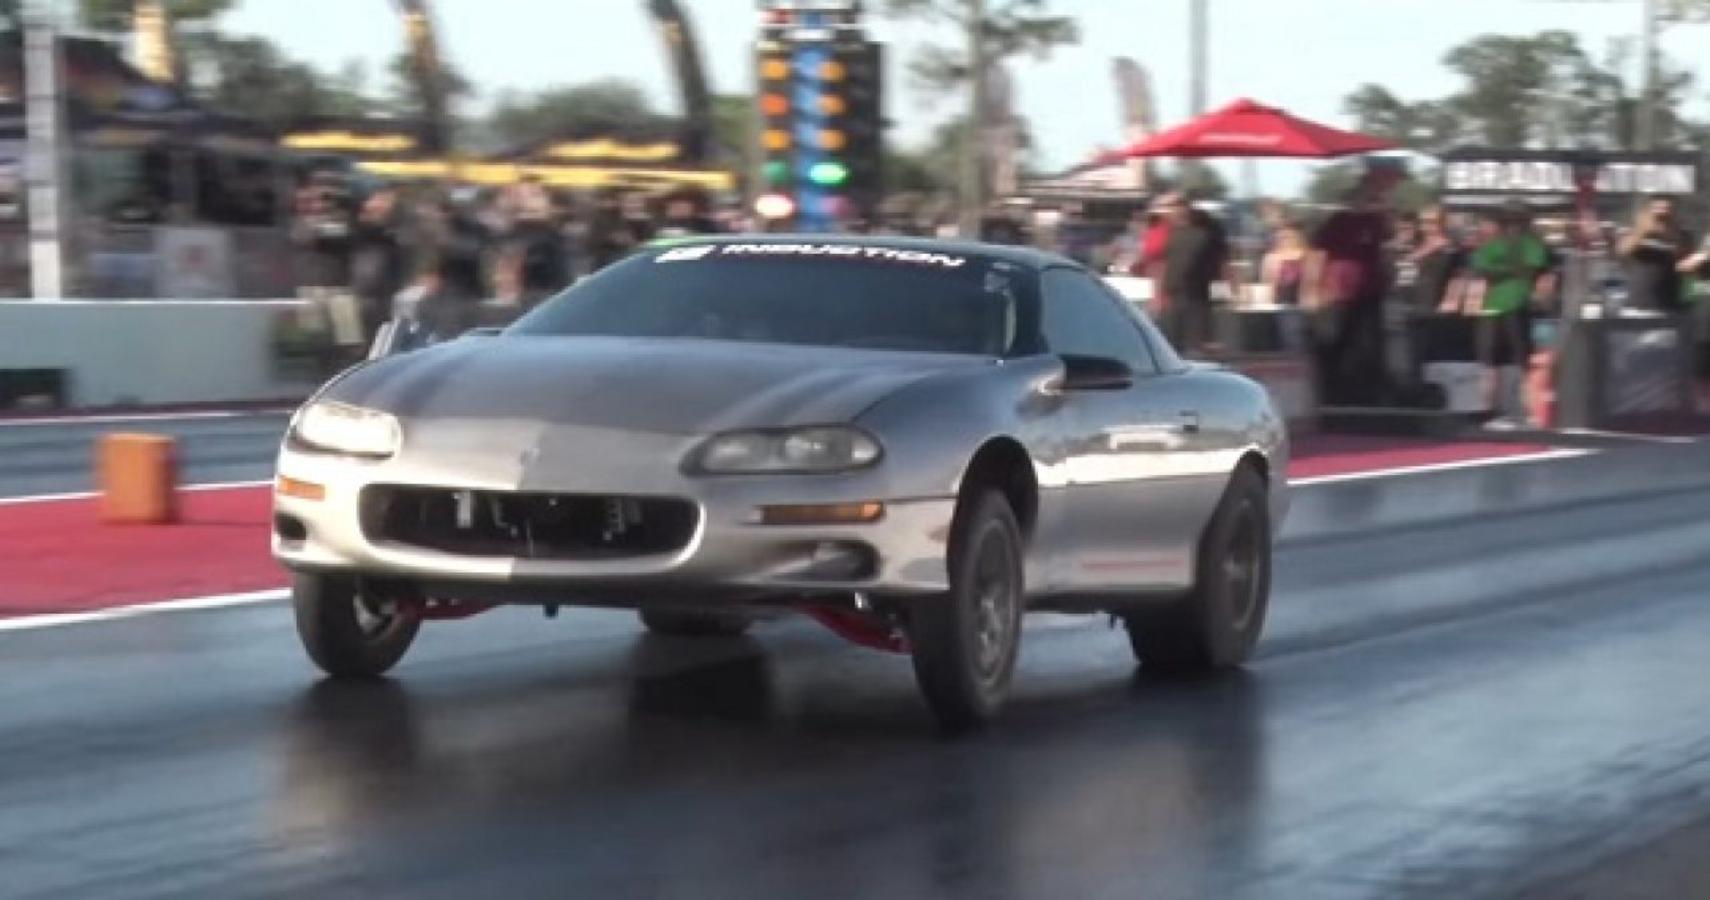 """Watch This 1100-HP 2JZ-Swapped Camaro, AKA """"Trailer Park Supra,"""" Do 8.4-Second Quarter-Mile"""